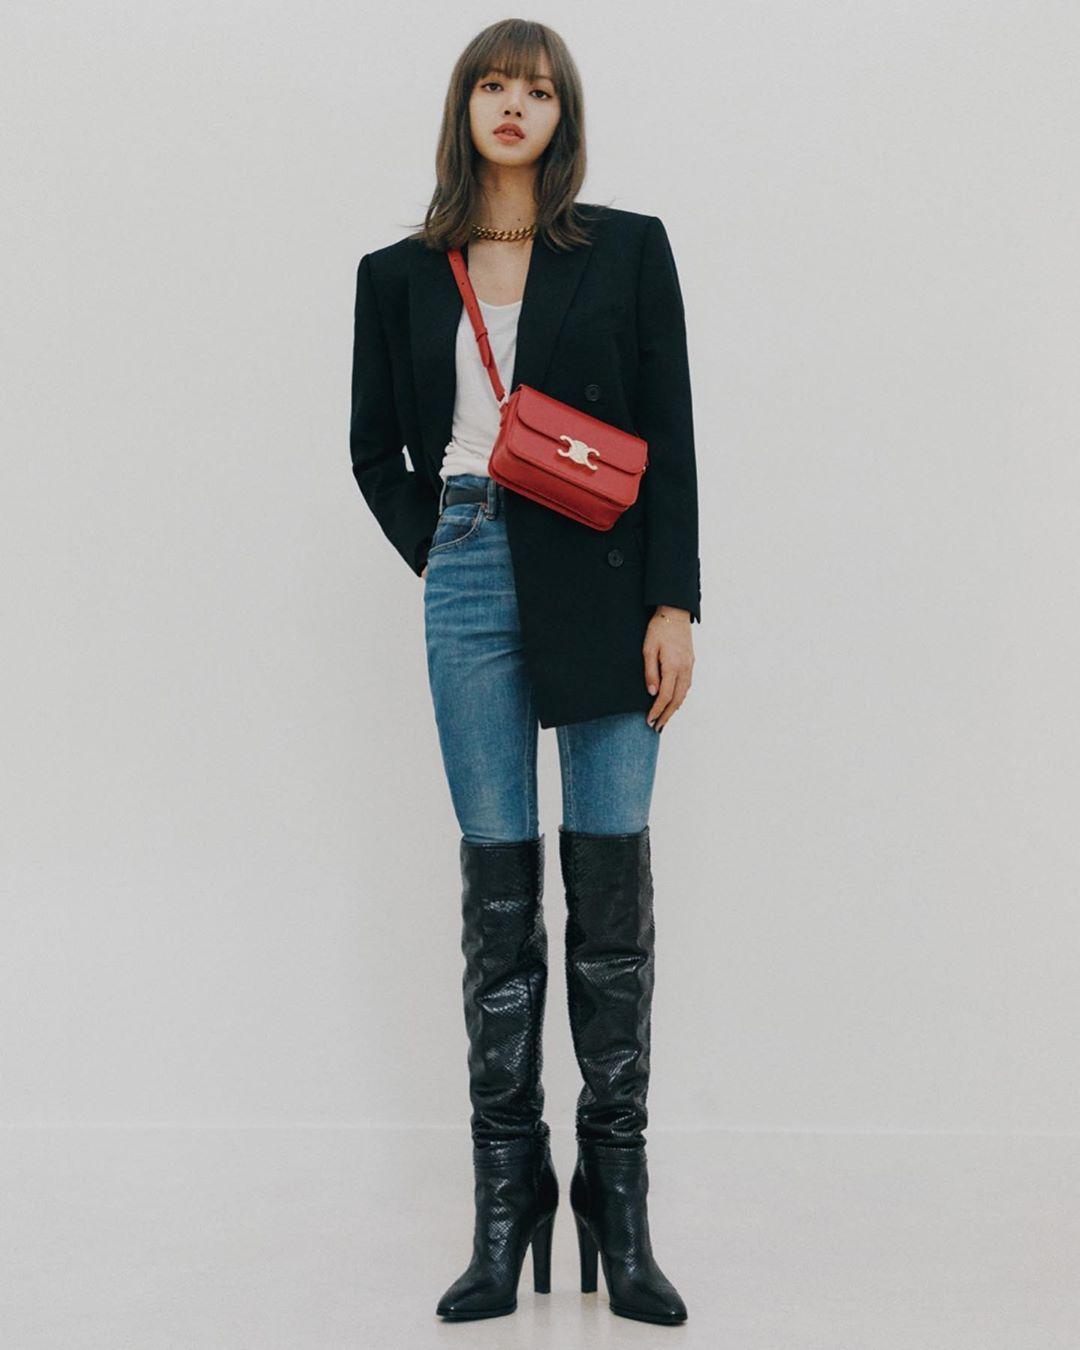 Lisa mặc áo trắng coat đen quần jeans xanh bốt cao cổ đeo túi celine triomphe đỏ